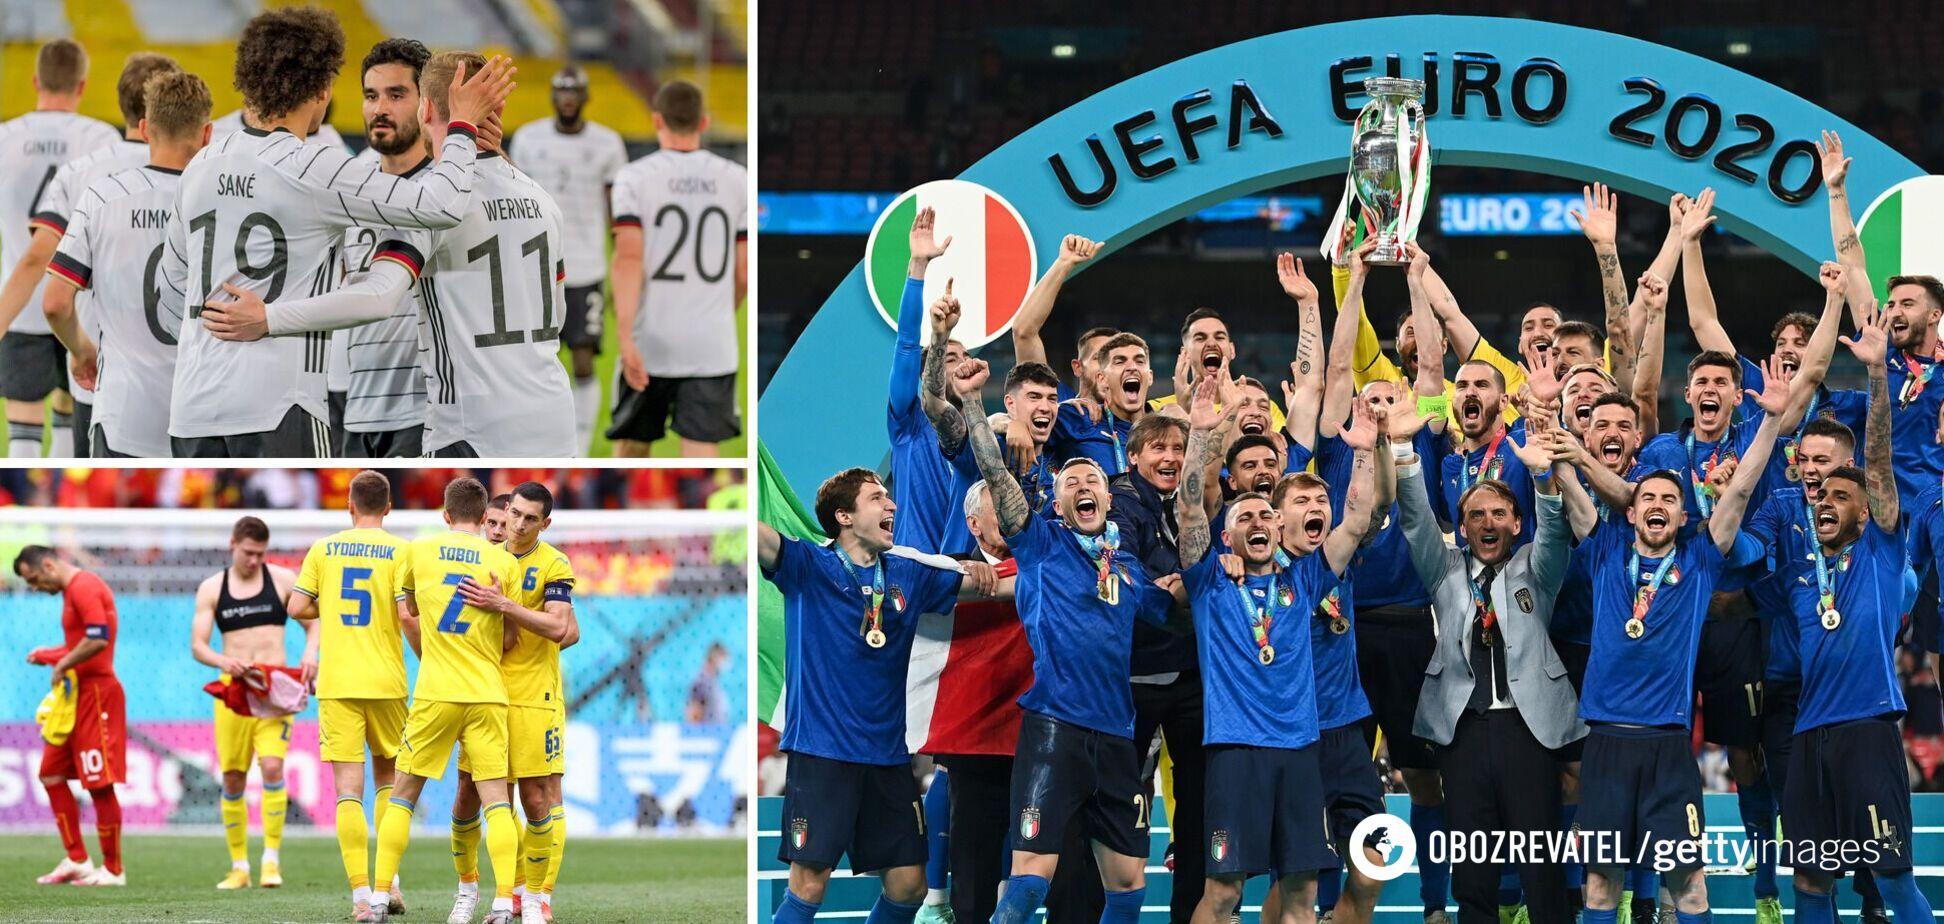 Букмекеры назвали фаворита Евро-2024 по футболу и опубликовали ставки на Украину